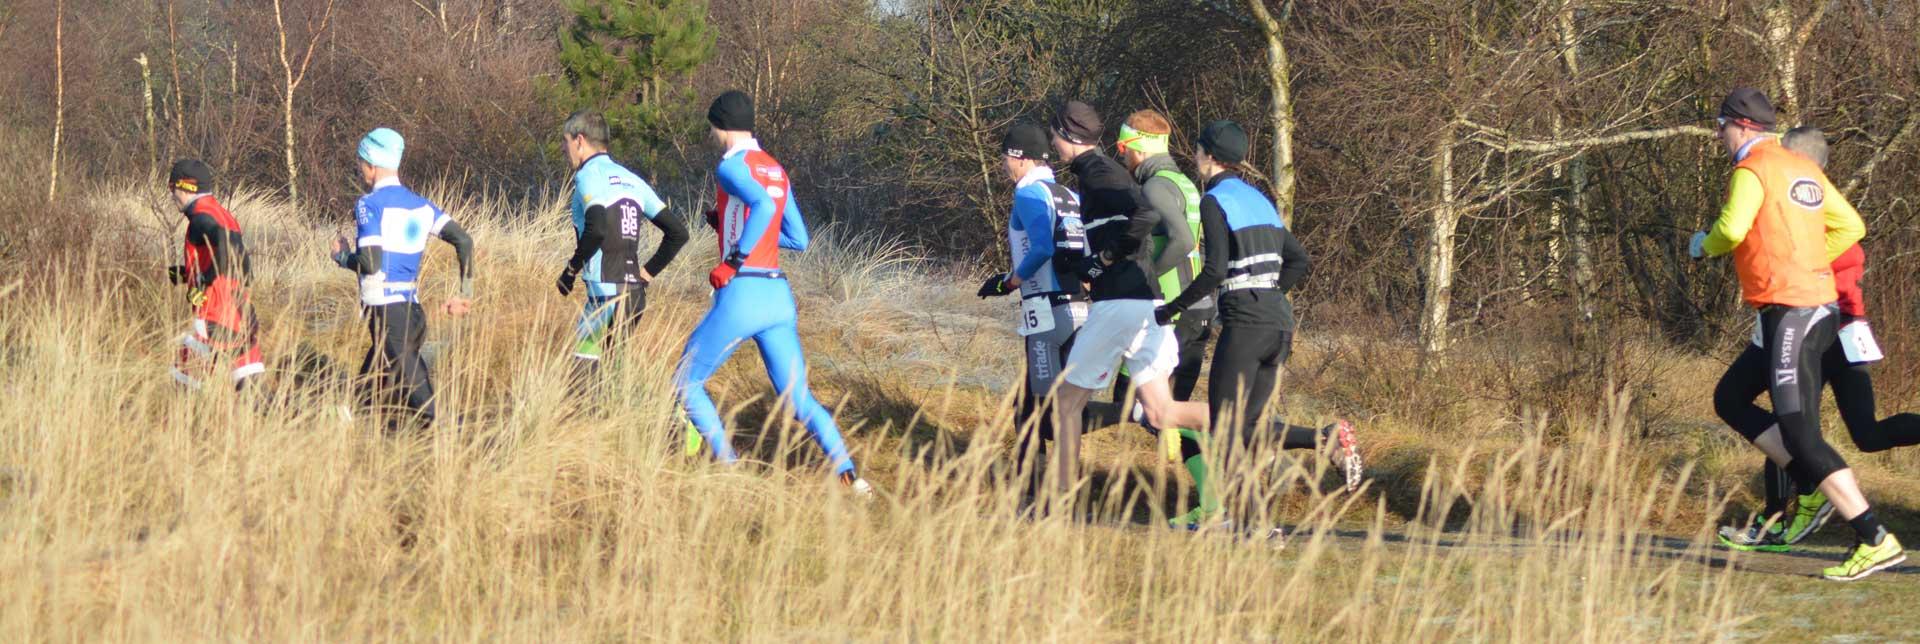 Cross duathlon Ameland persbericht 2018: Deelnemers tijdens het Run onderdeel